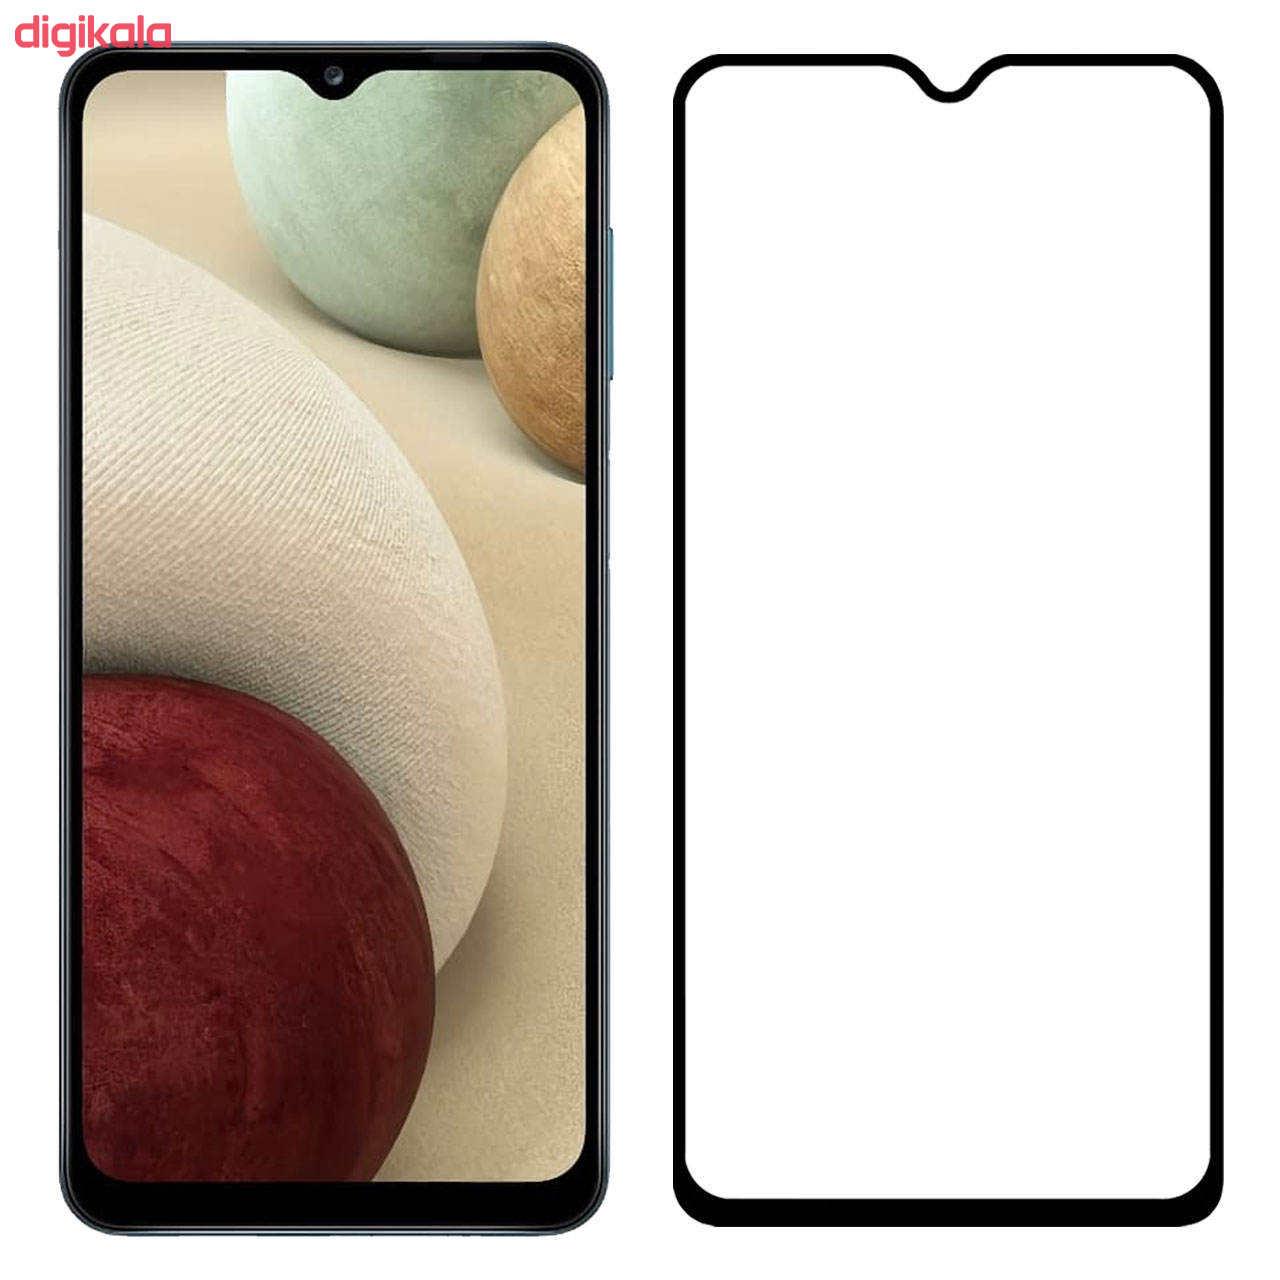 محافظ صفحه نمایش 6D مدل MT7 مناسب برای گوشی موبایل سامسونگ Galaxy A12 main 1 1